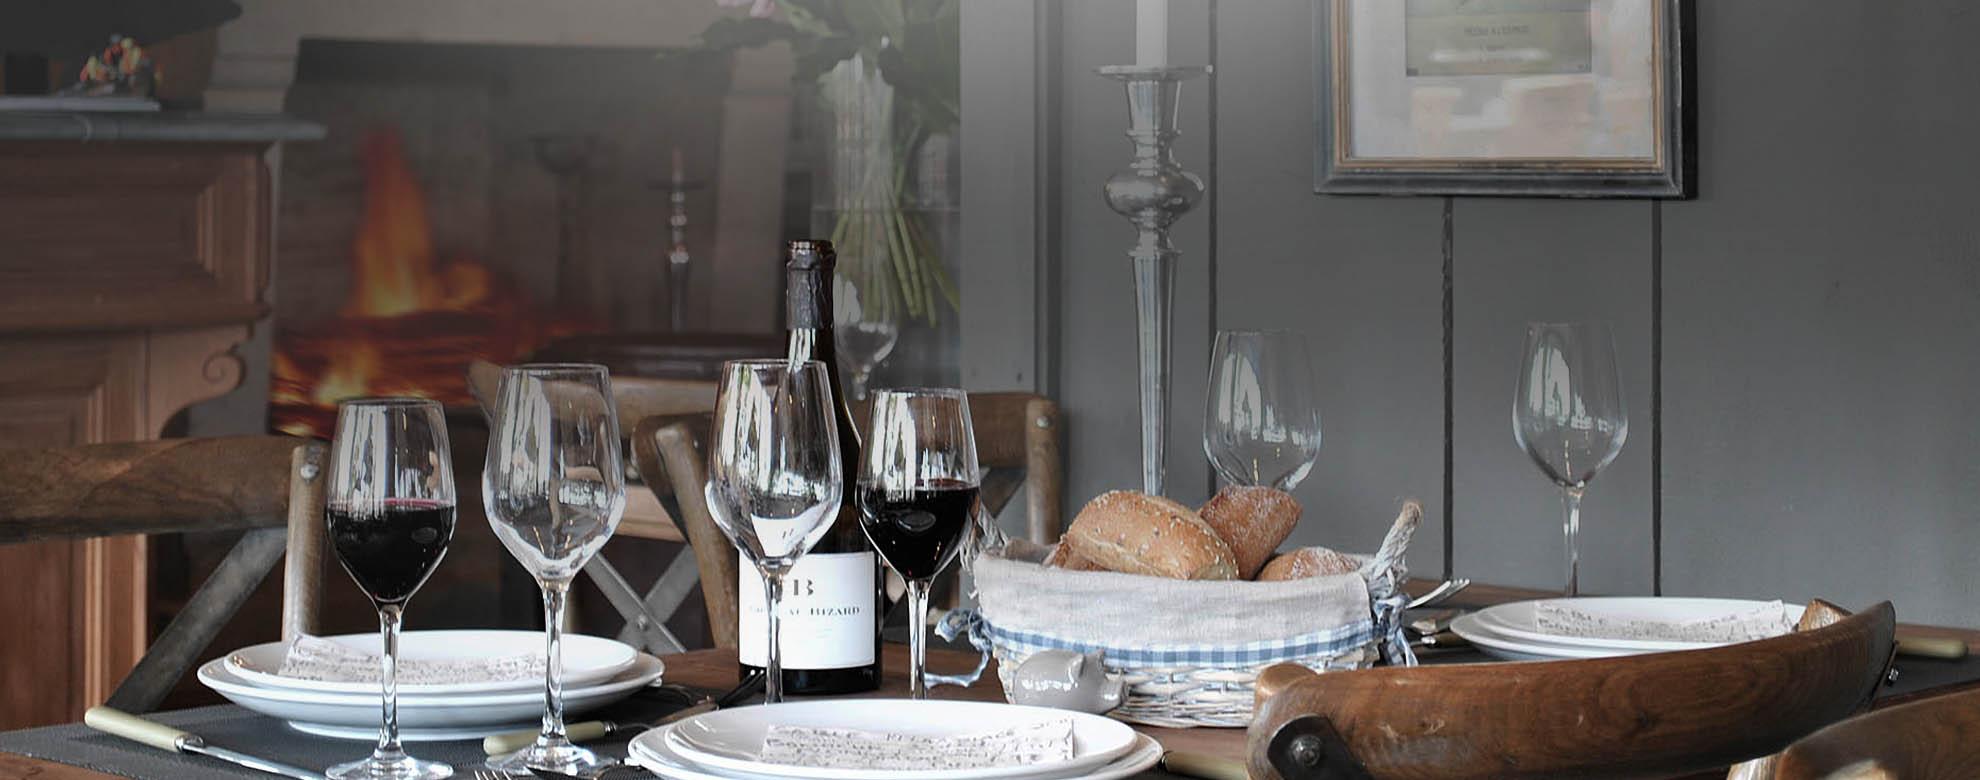 mobilier d coration int rieur ext rieur tours 37 objets d co jardin. Black Bedroom Furniture Sets. Home Design Ideas